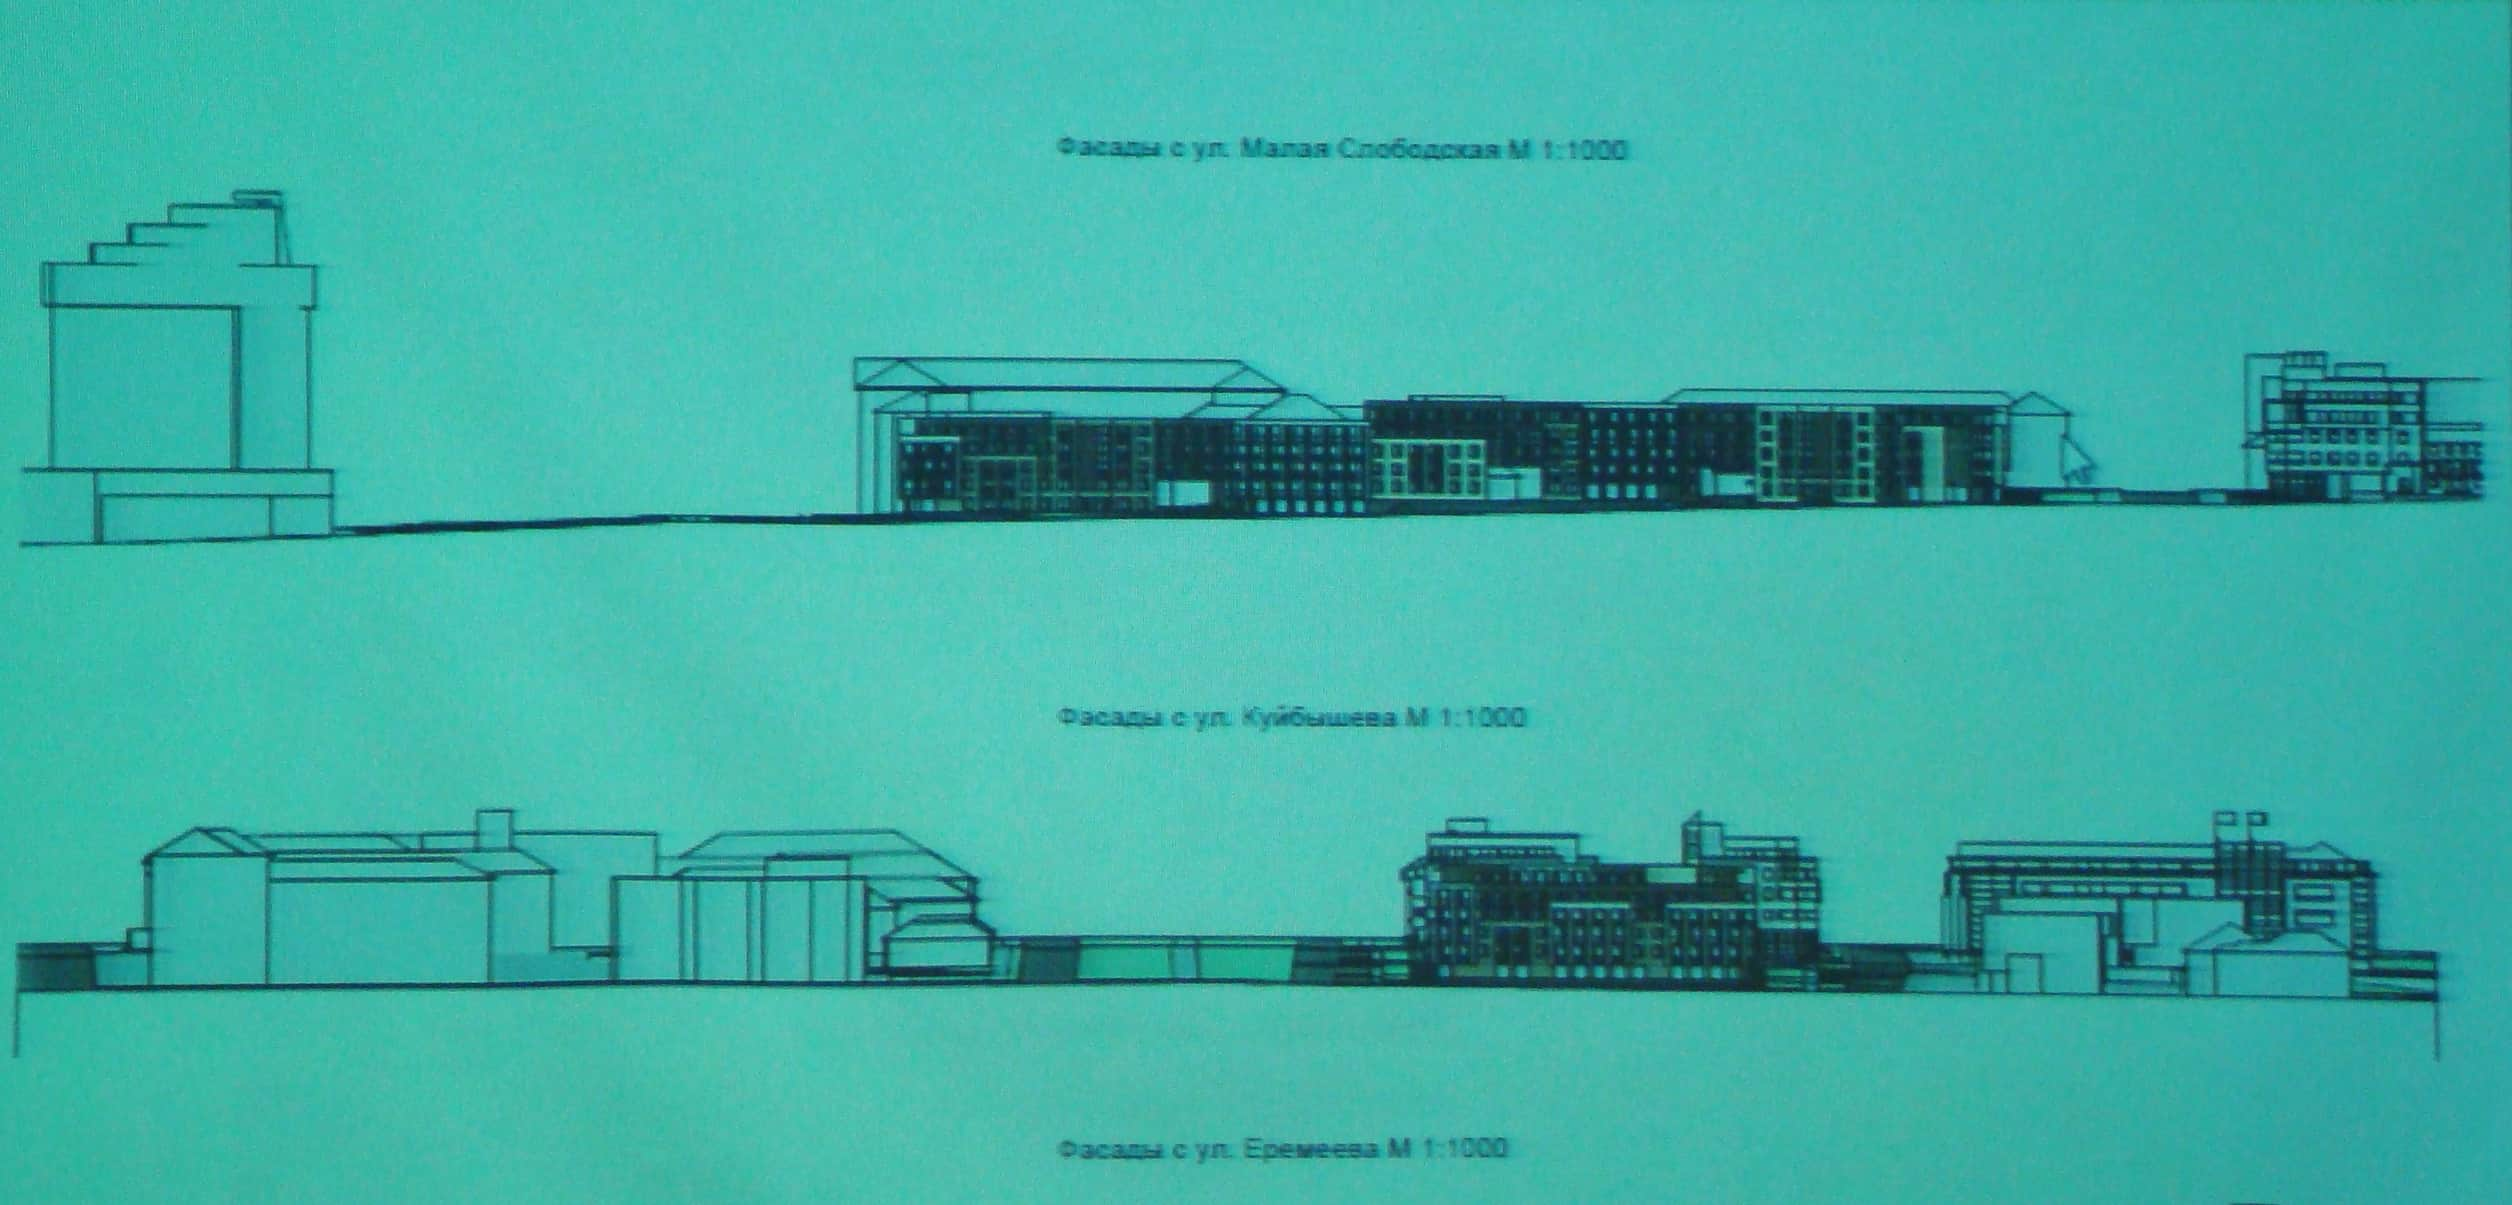 Такие планы называются развёртками. Они позволяют увидеть новое здание в сравнении с построенными ранее.